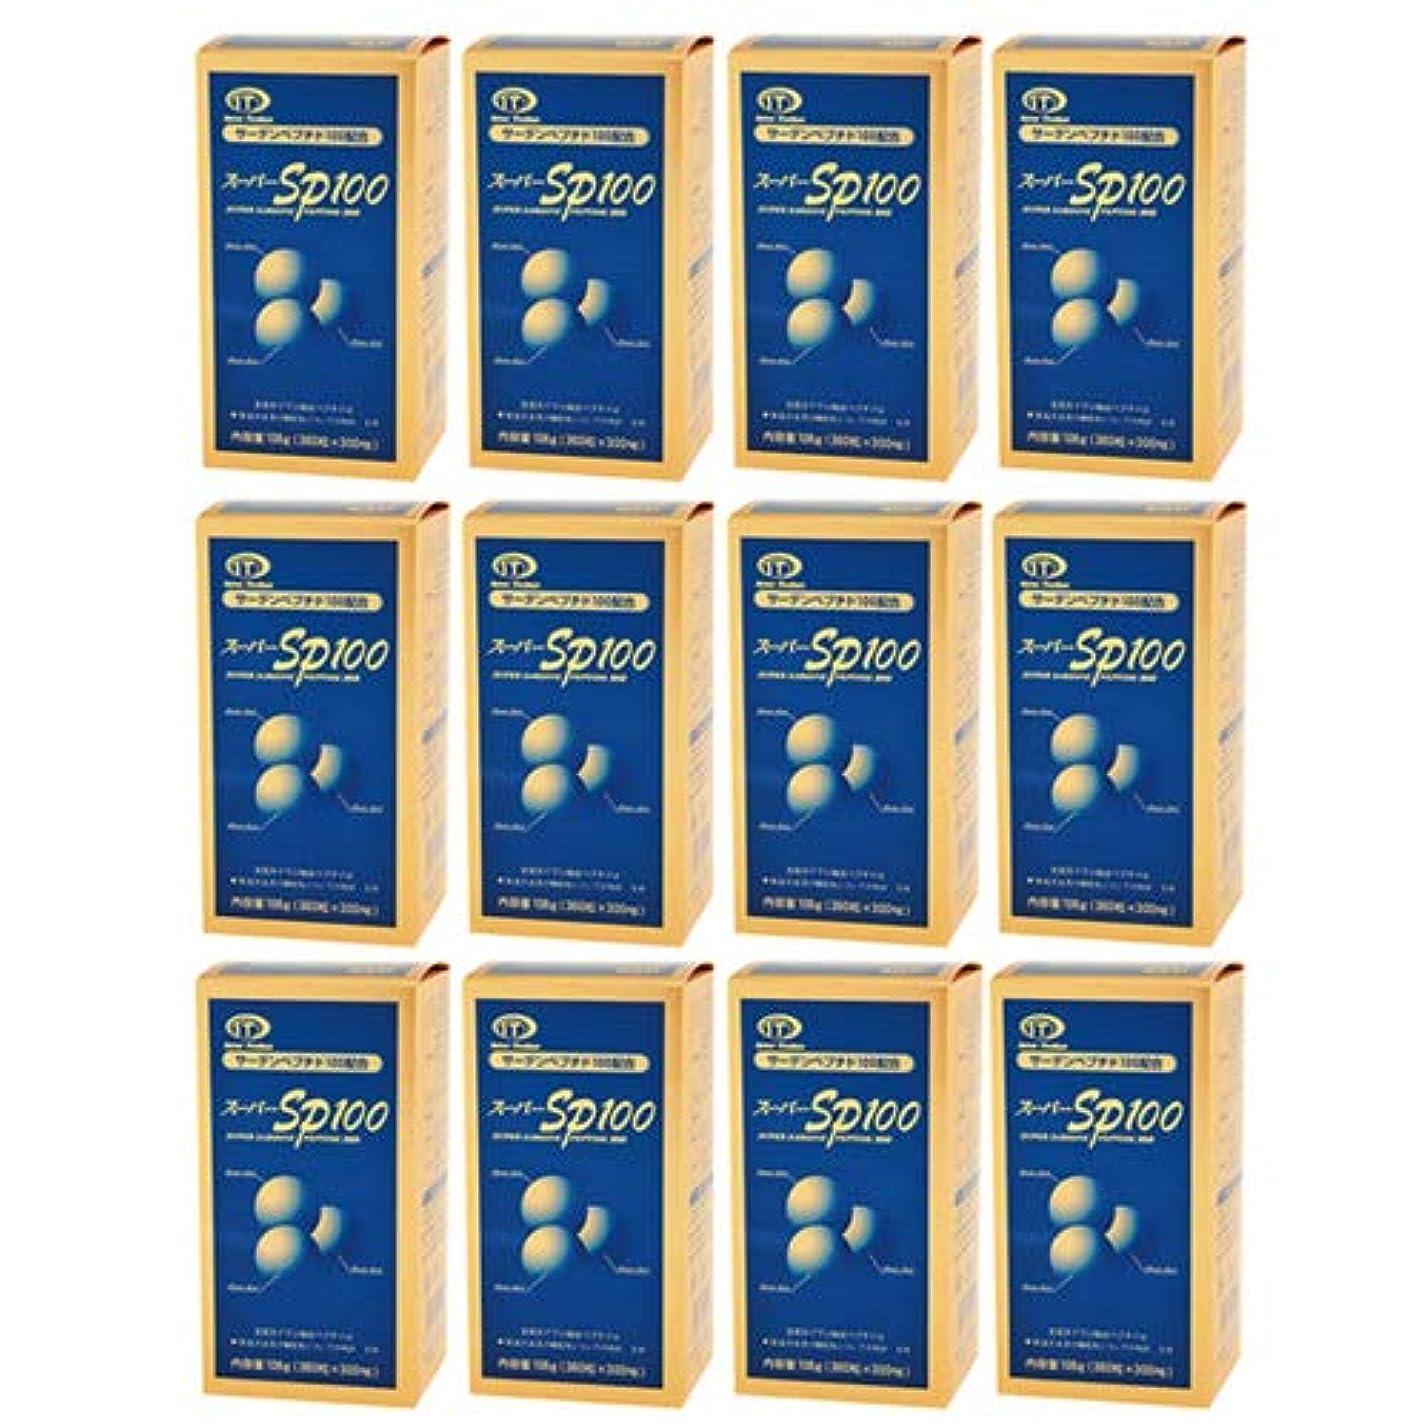 時代遅れパニック現代スーパーSP100(イワシペプチド)(360粒) 12箱